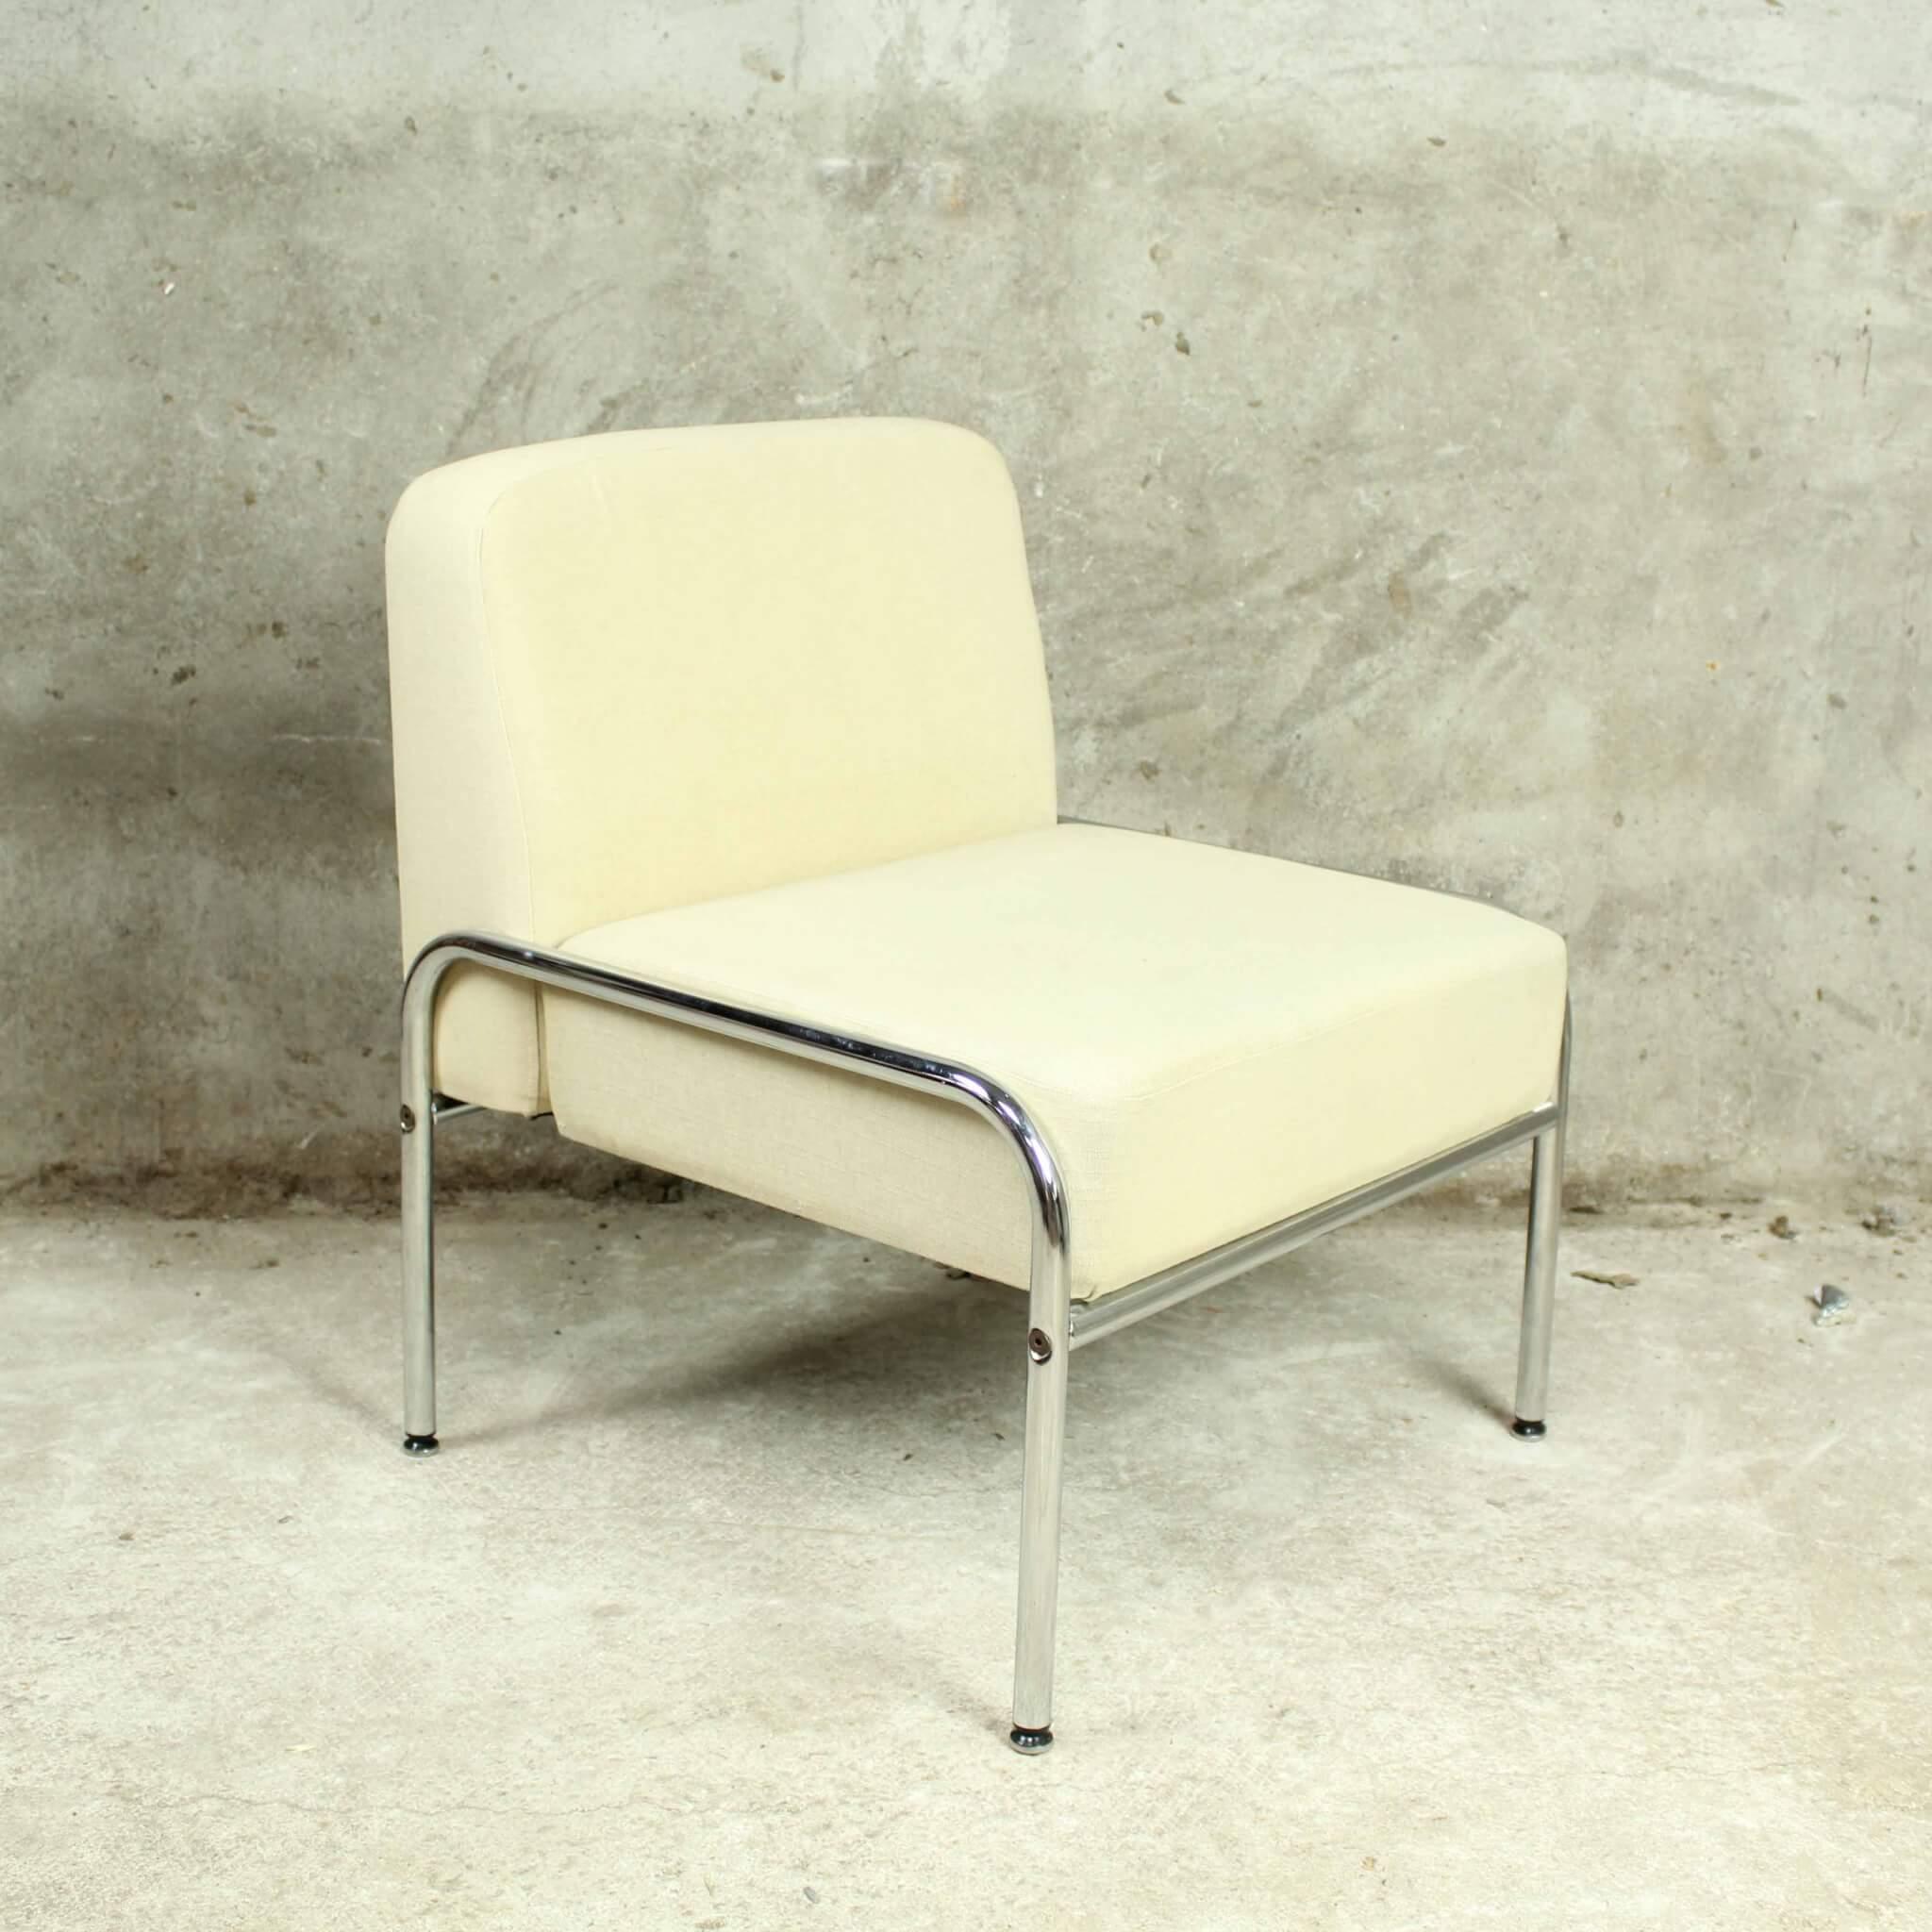 Wonderbaarlijk Strak vormgegeven retro buisframe fauteuils - Bureau Baantjer JN-21